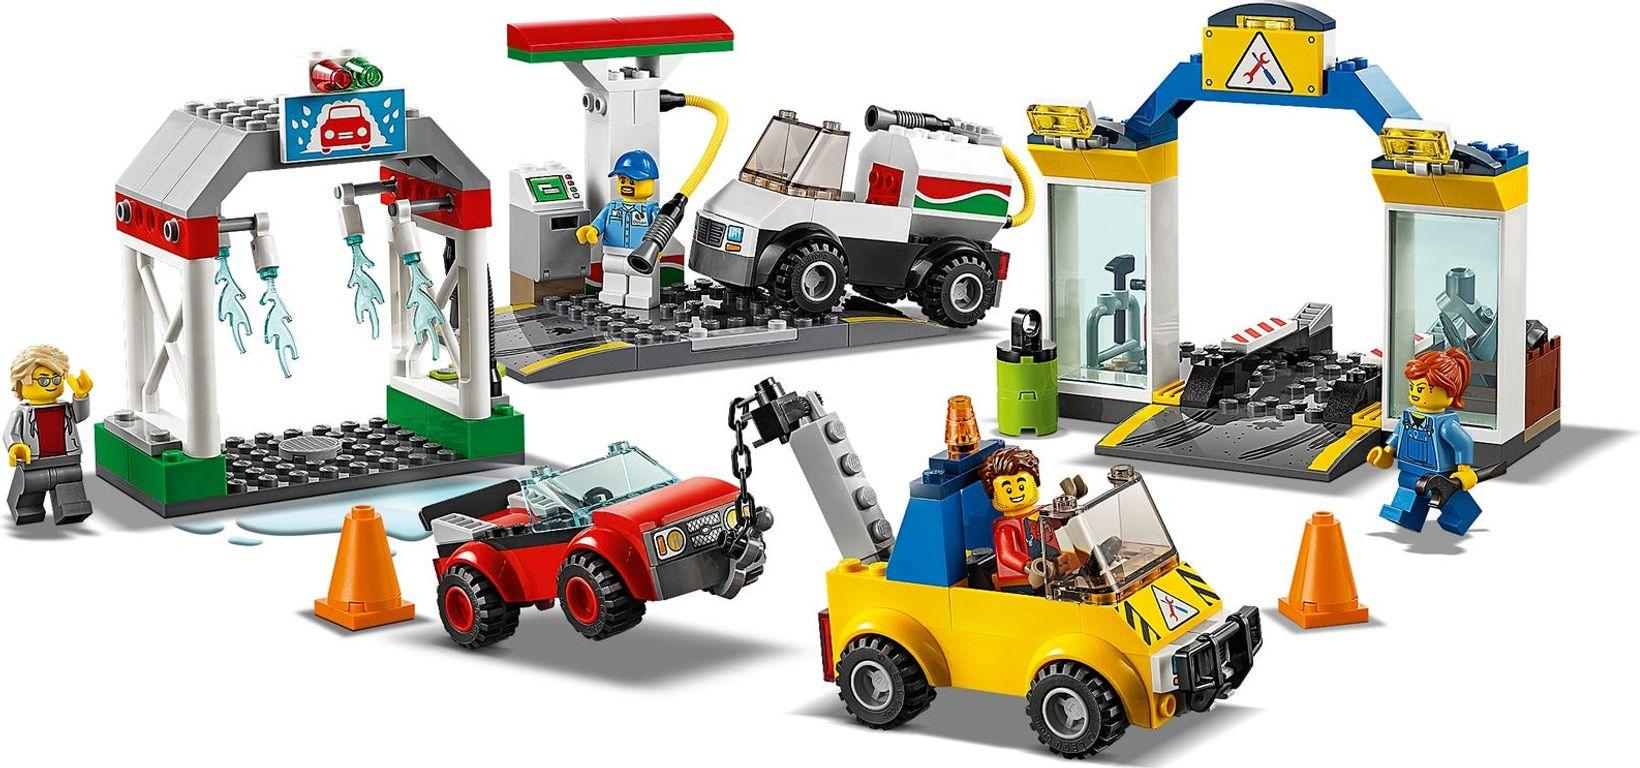 Garage Center gameplay